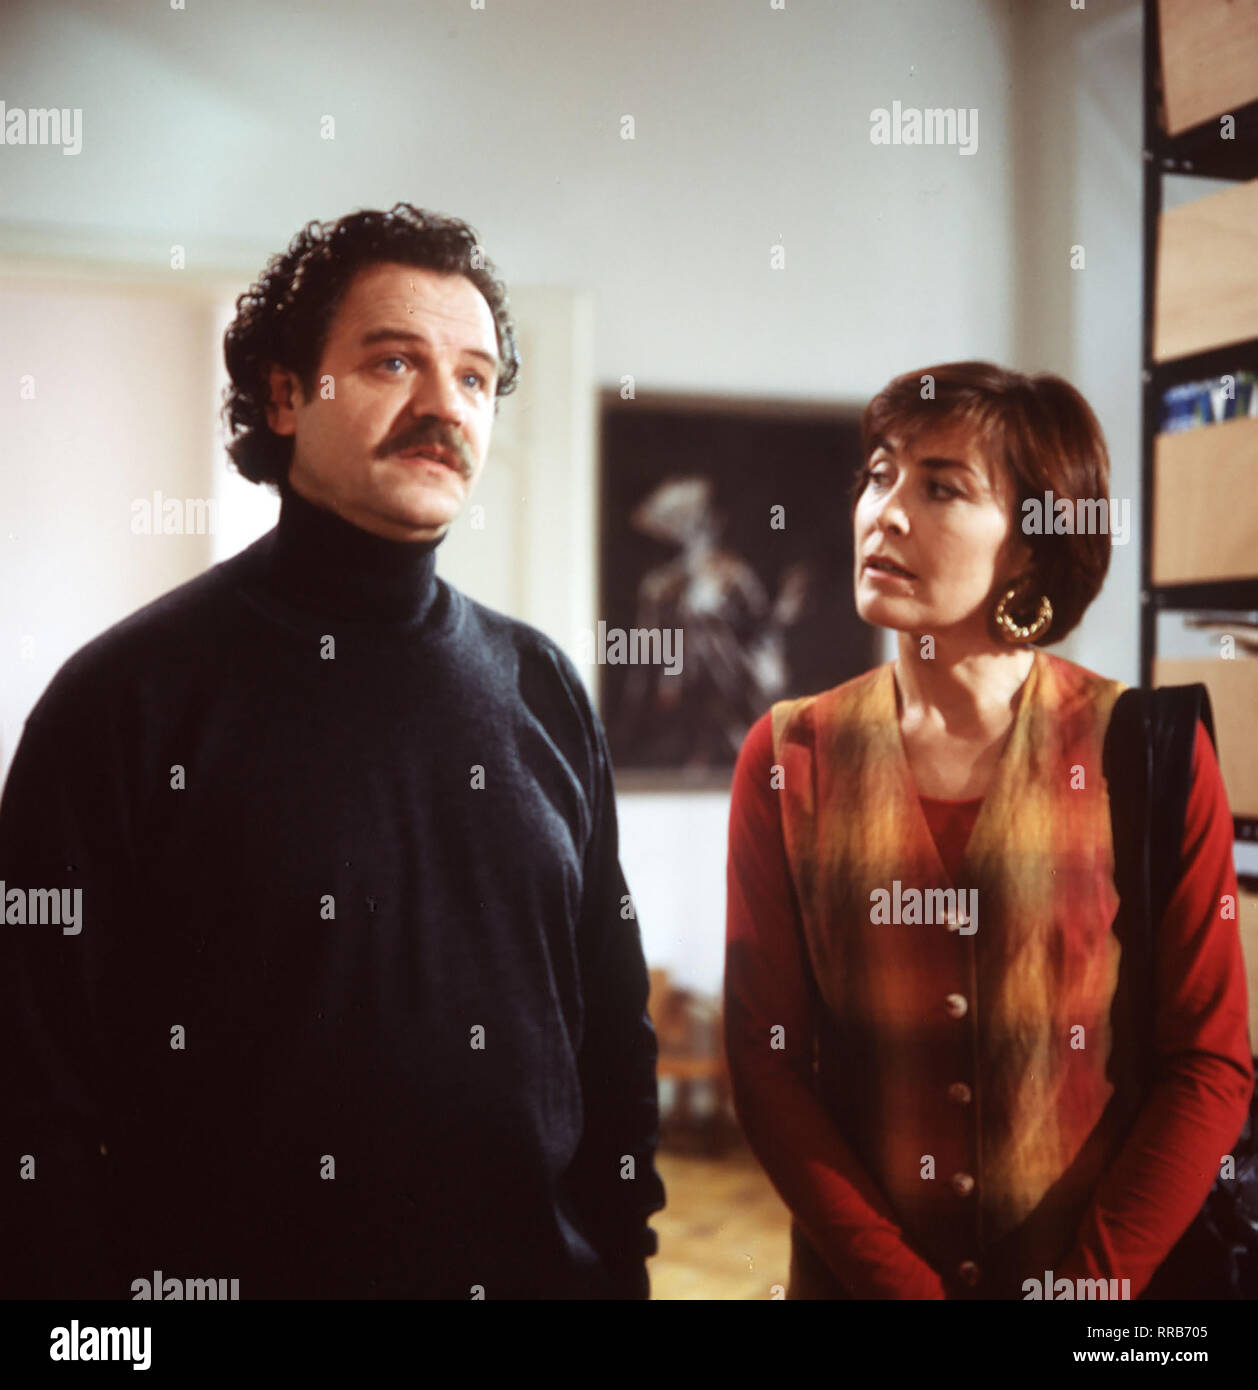 Anna Marx (THEKLA CAROLA WIES) sucht Zuber (GUNTER BERGER) auf, um nach dem Objektiv verschwundenem Bild zu fragen. Regie: Markus Imboden aka. Alte Feindschaft 9/Überschrift: AUF EIGENE SICHERHEITSTIPPS Stockbild